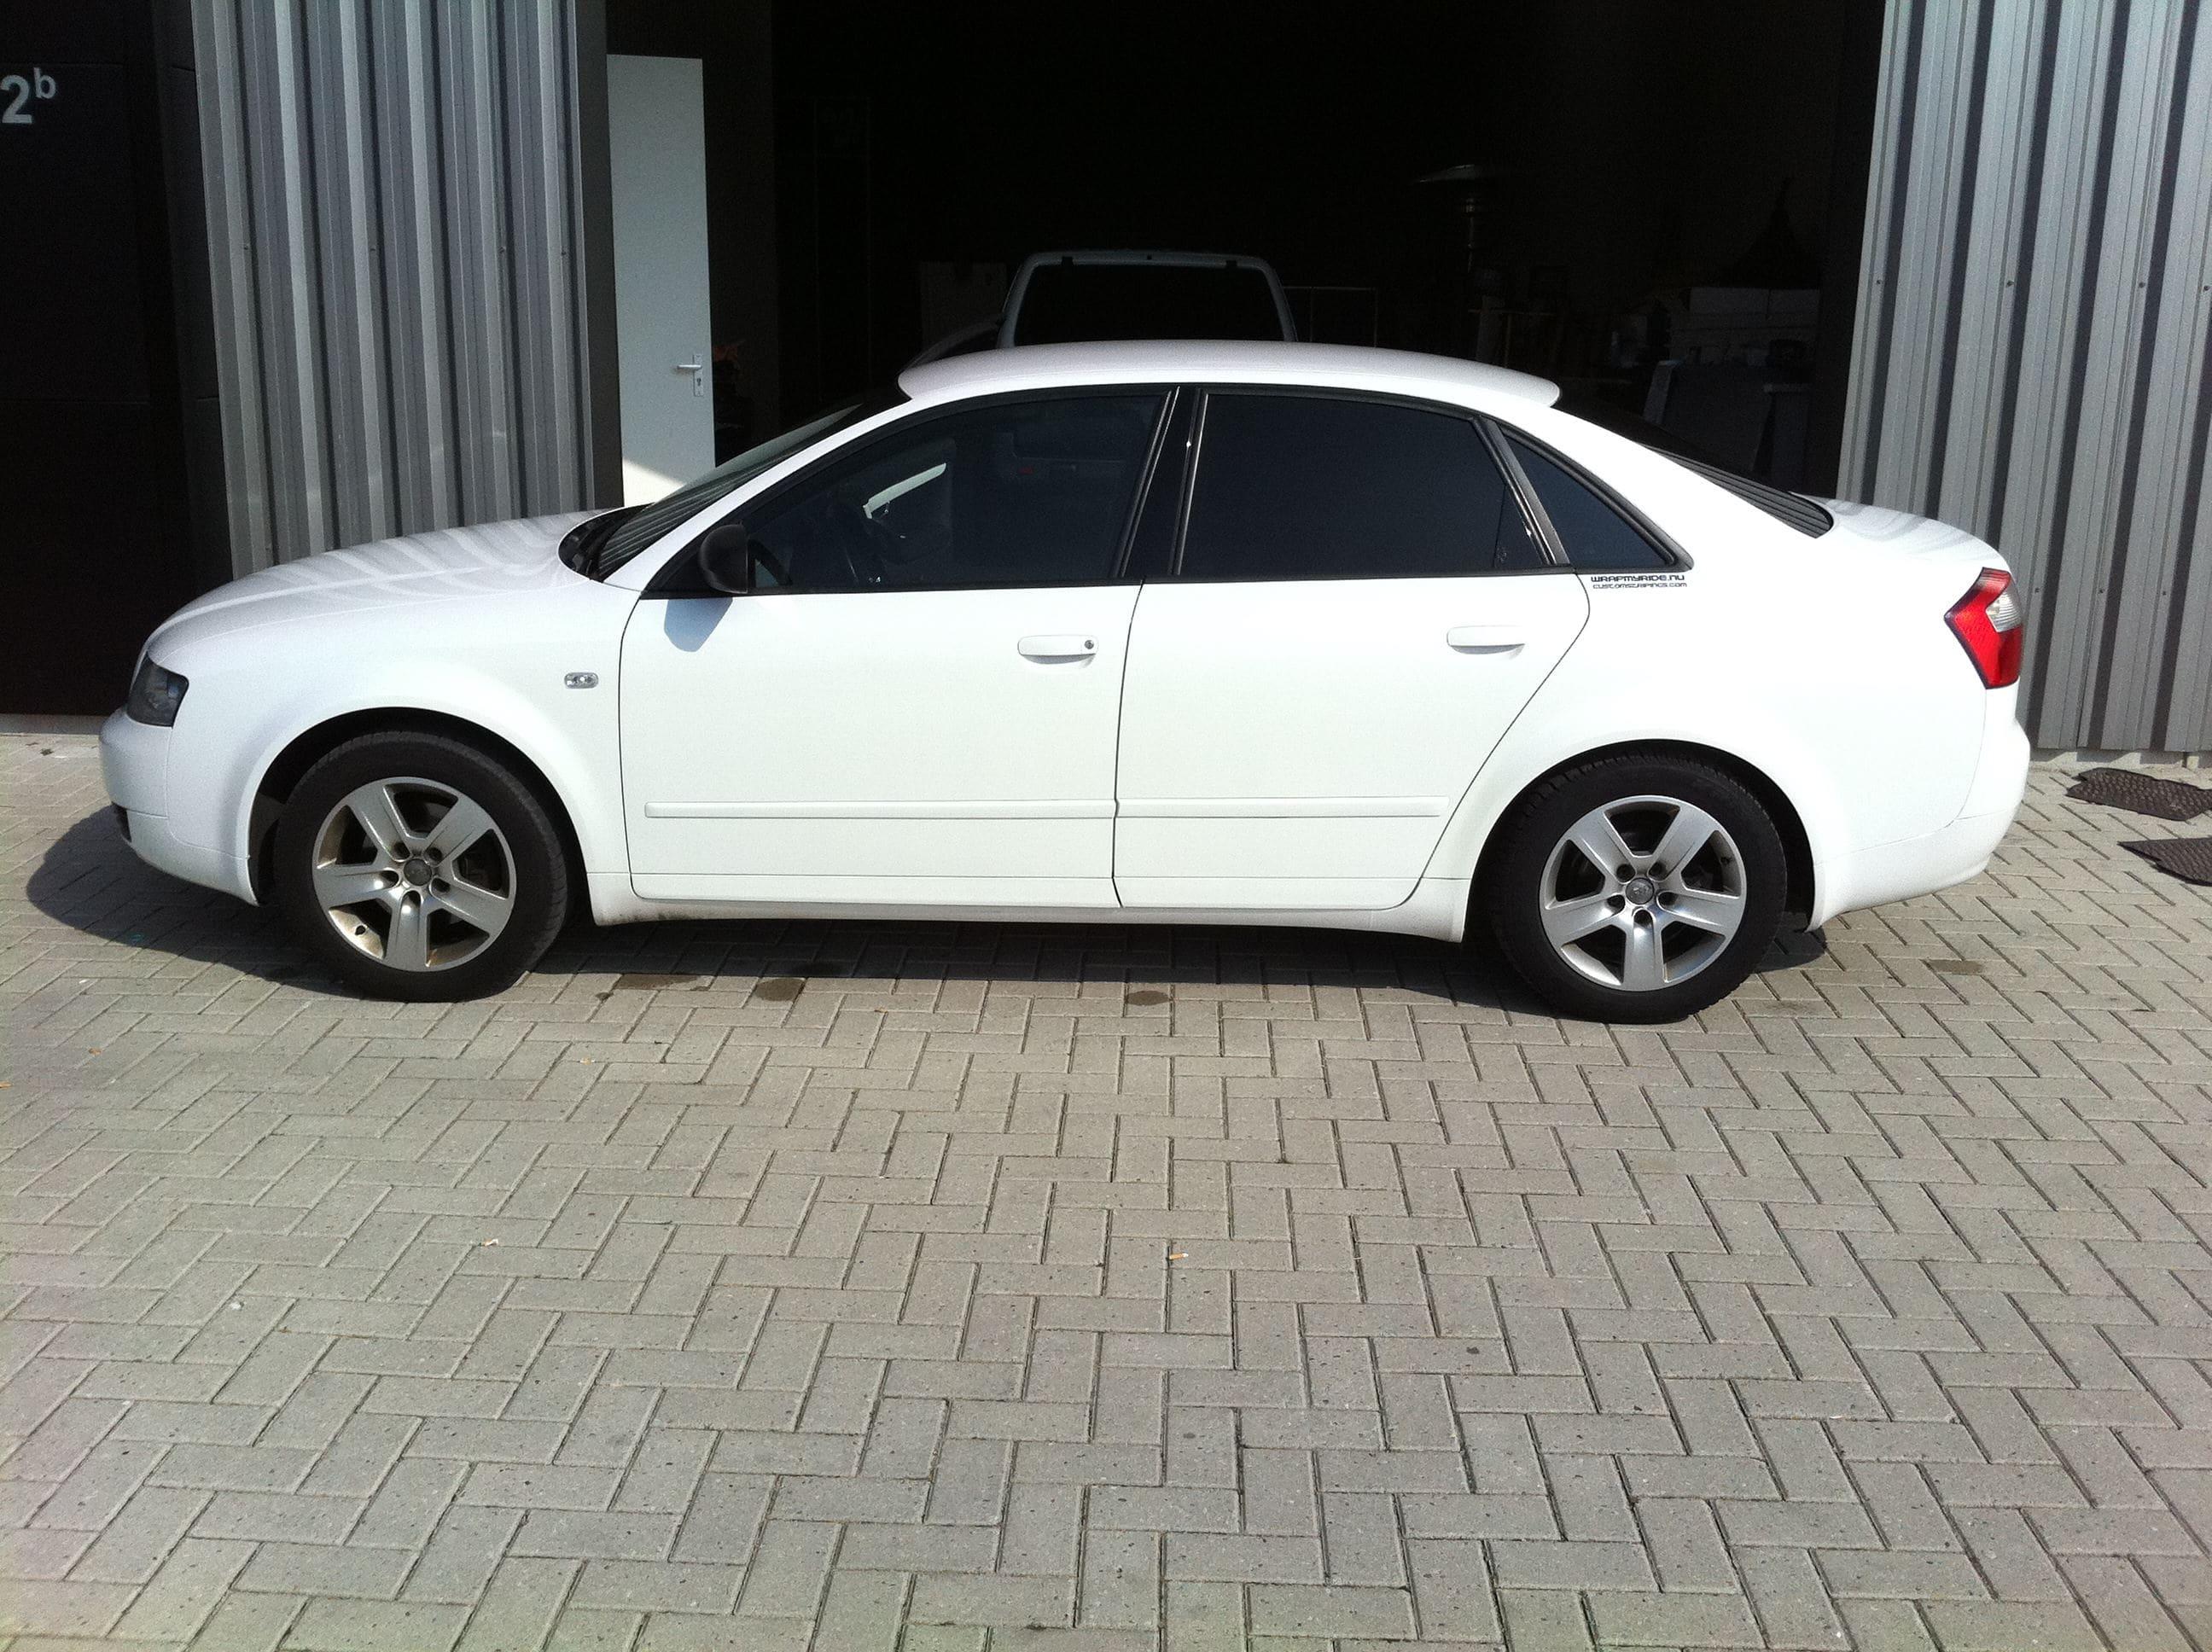 Audi A4 met Witte Parelmoer Wrap, Carwrapping door Wrapmyride.nu Foto-nr:4522, ©2021